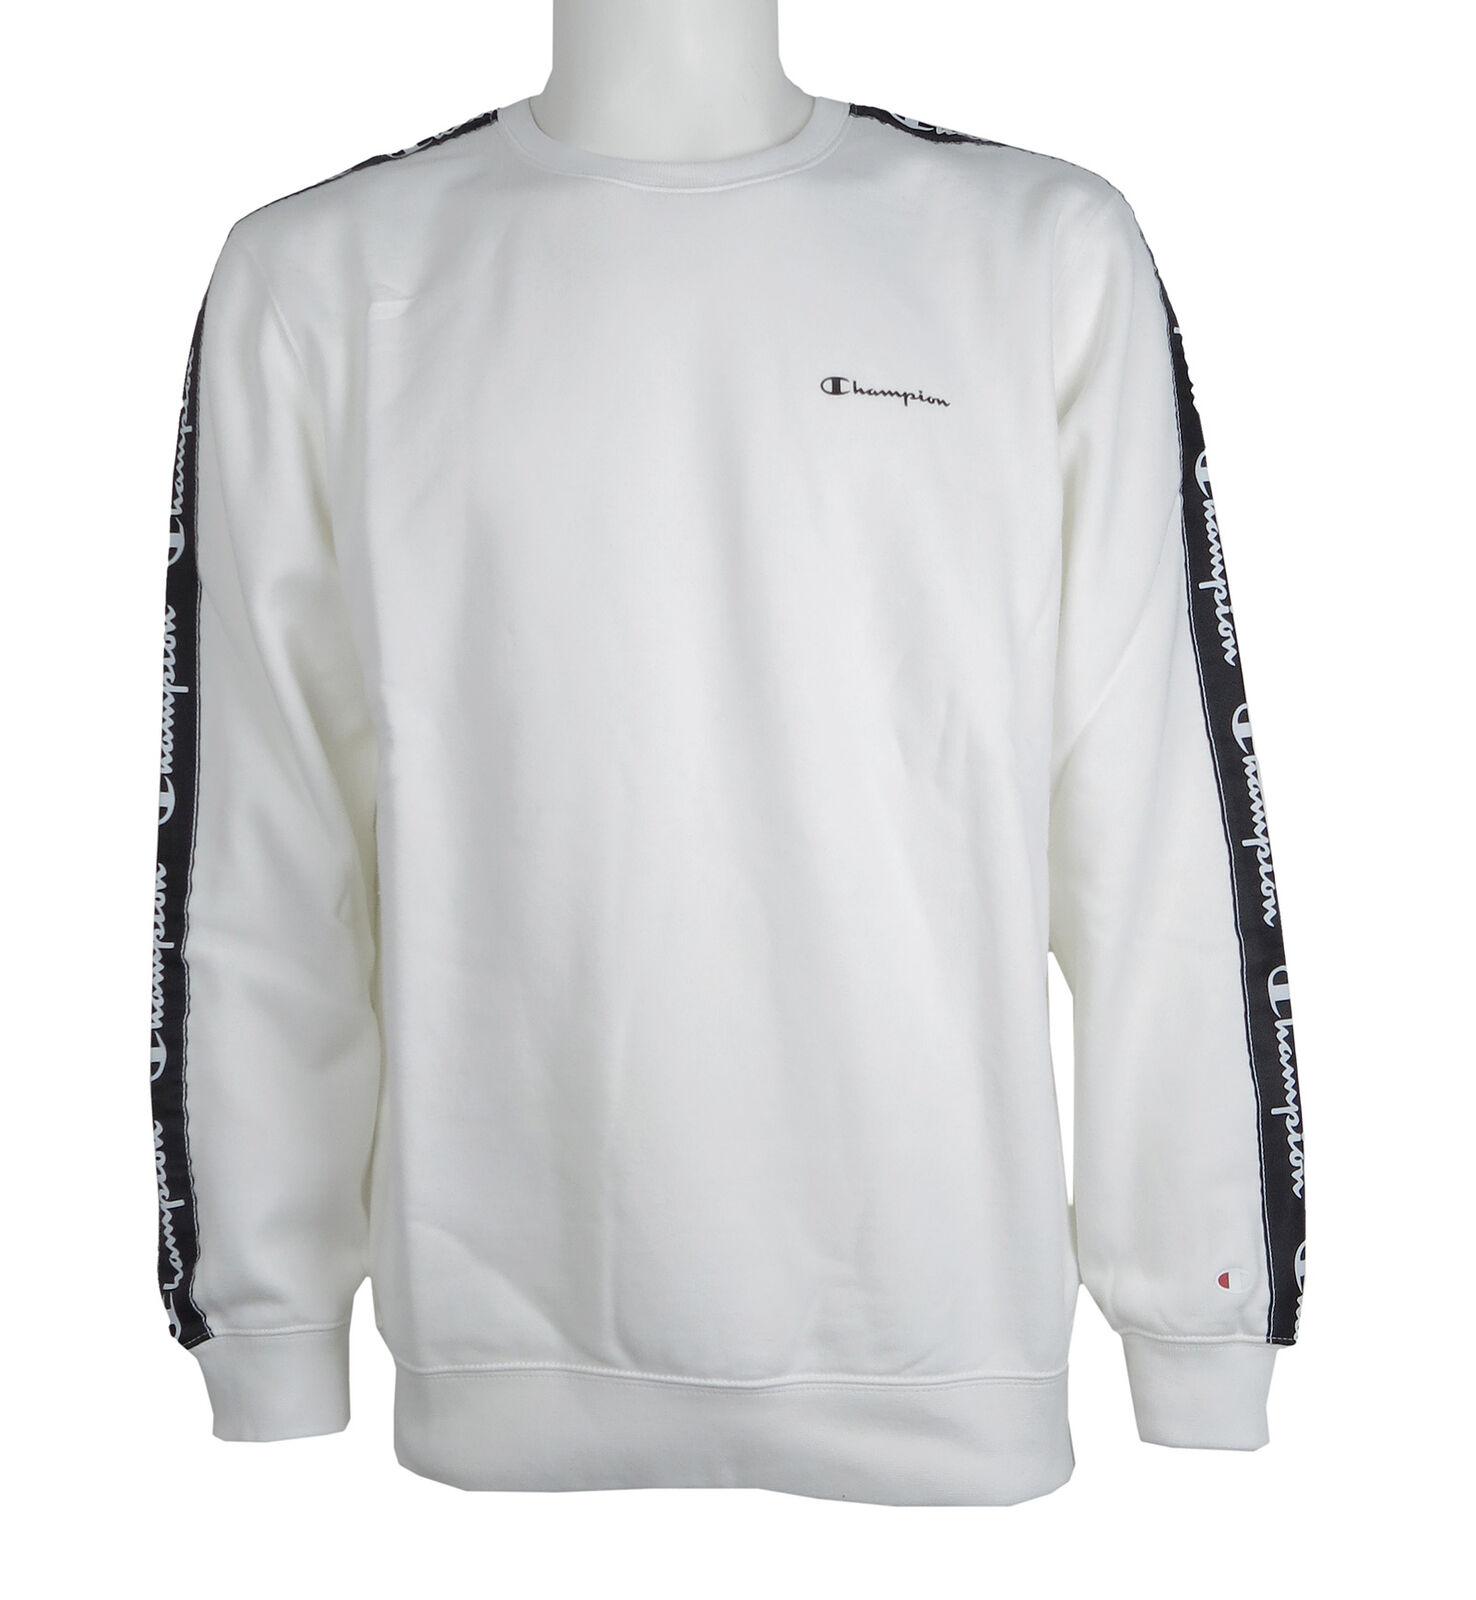 Champion Herren schweißhemd weiß (213646 WW001)